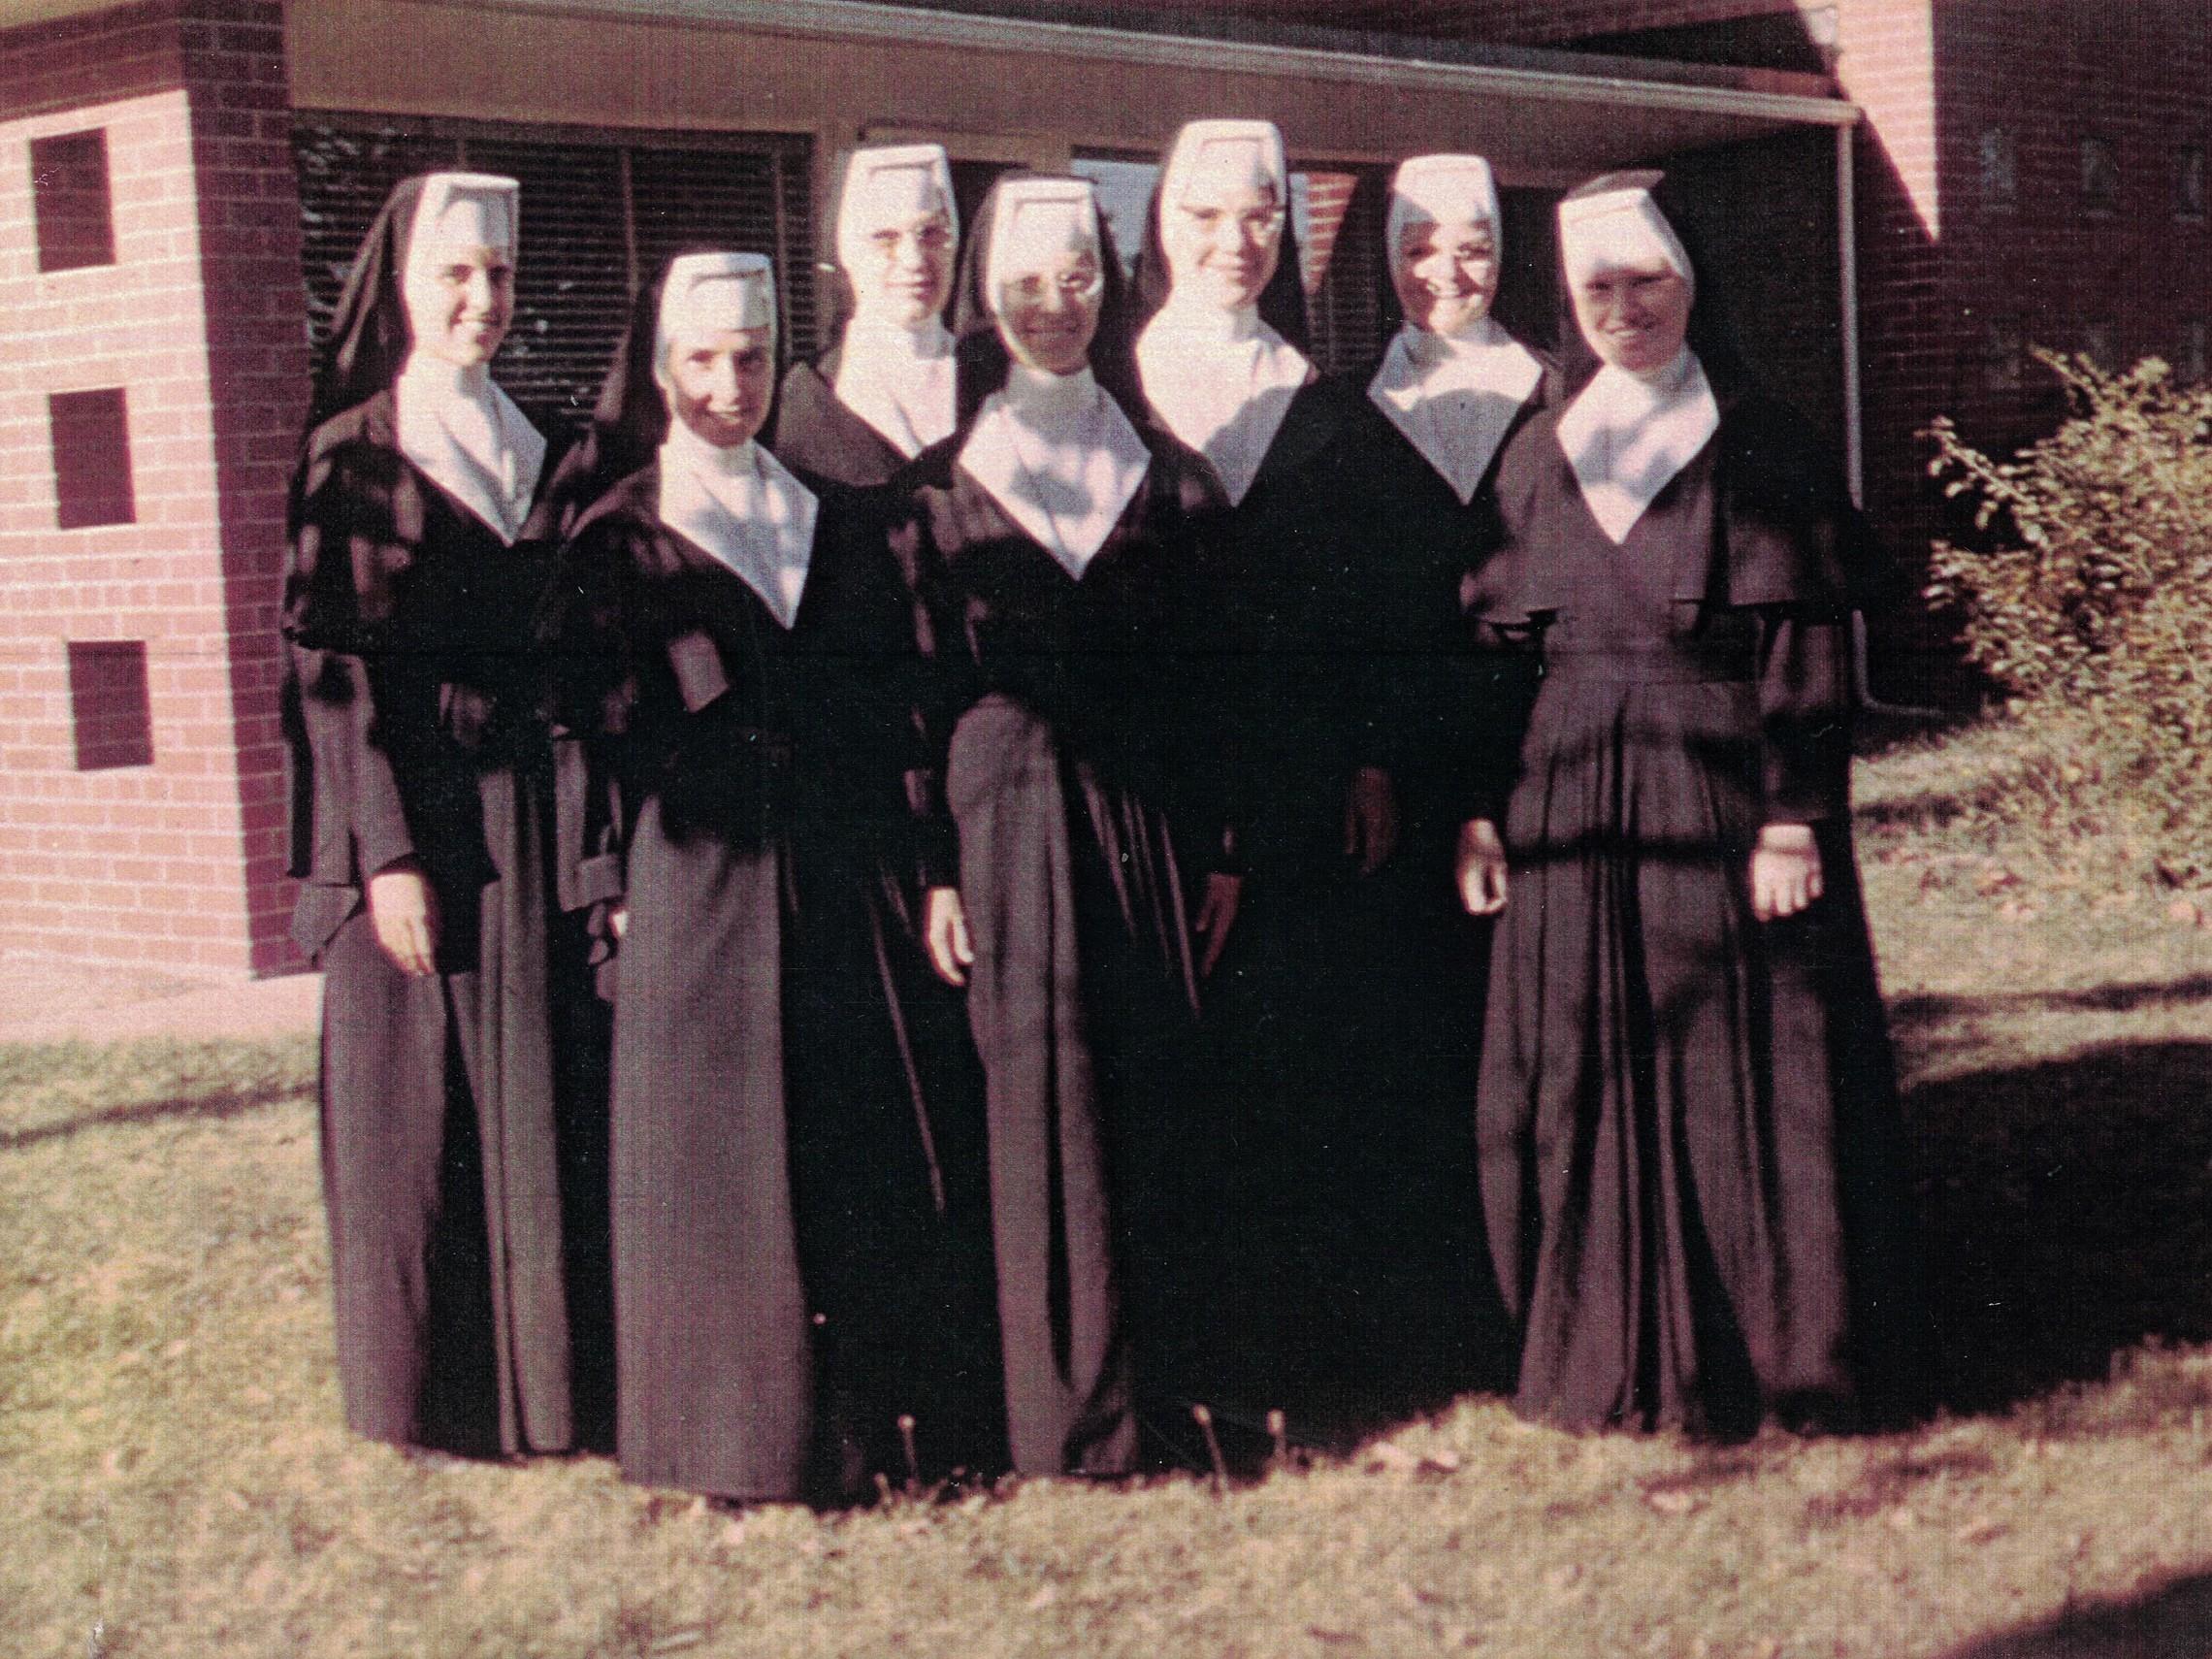 St Raphael Nuns 1966 1967